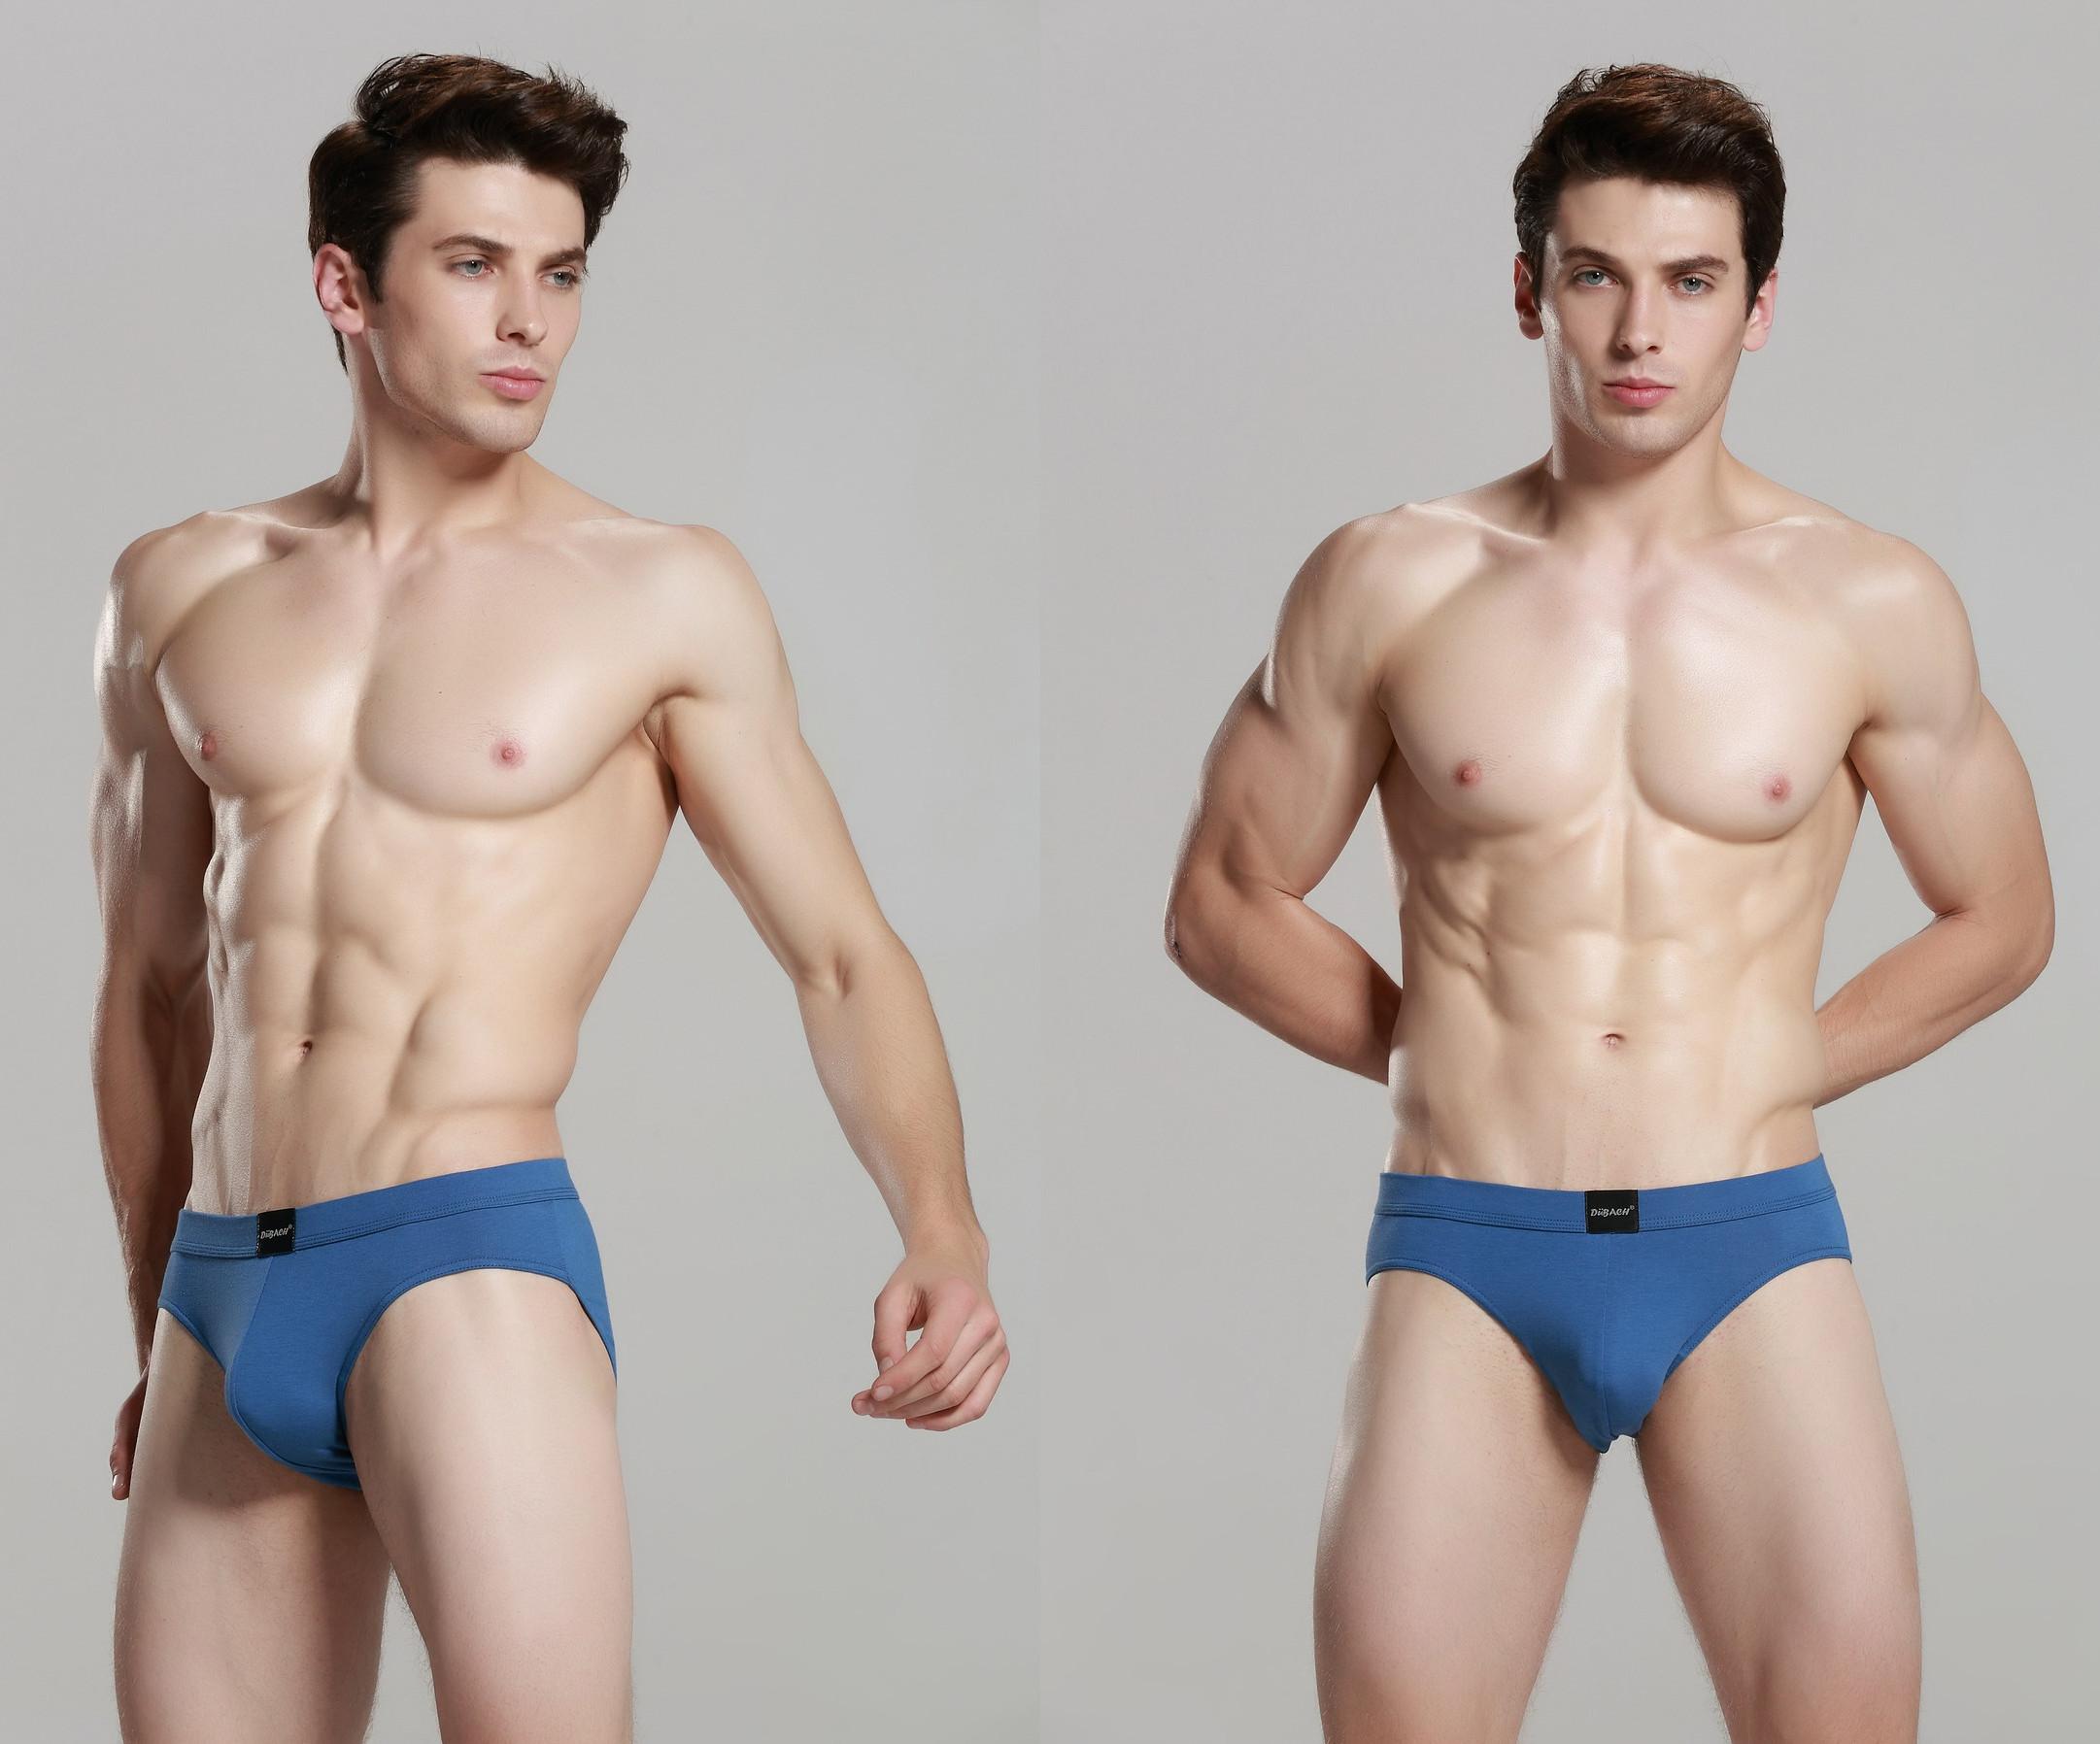 male wants breast enlargement